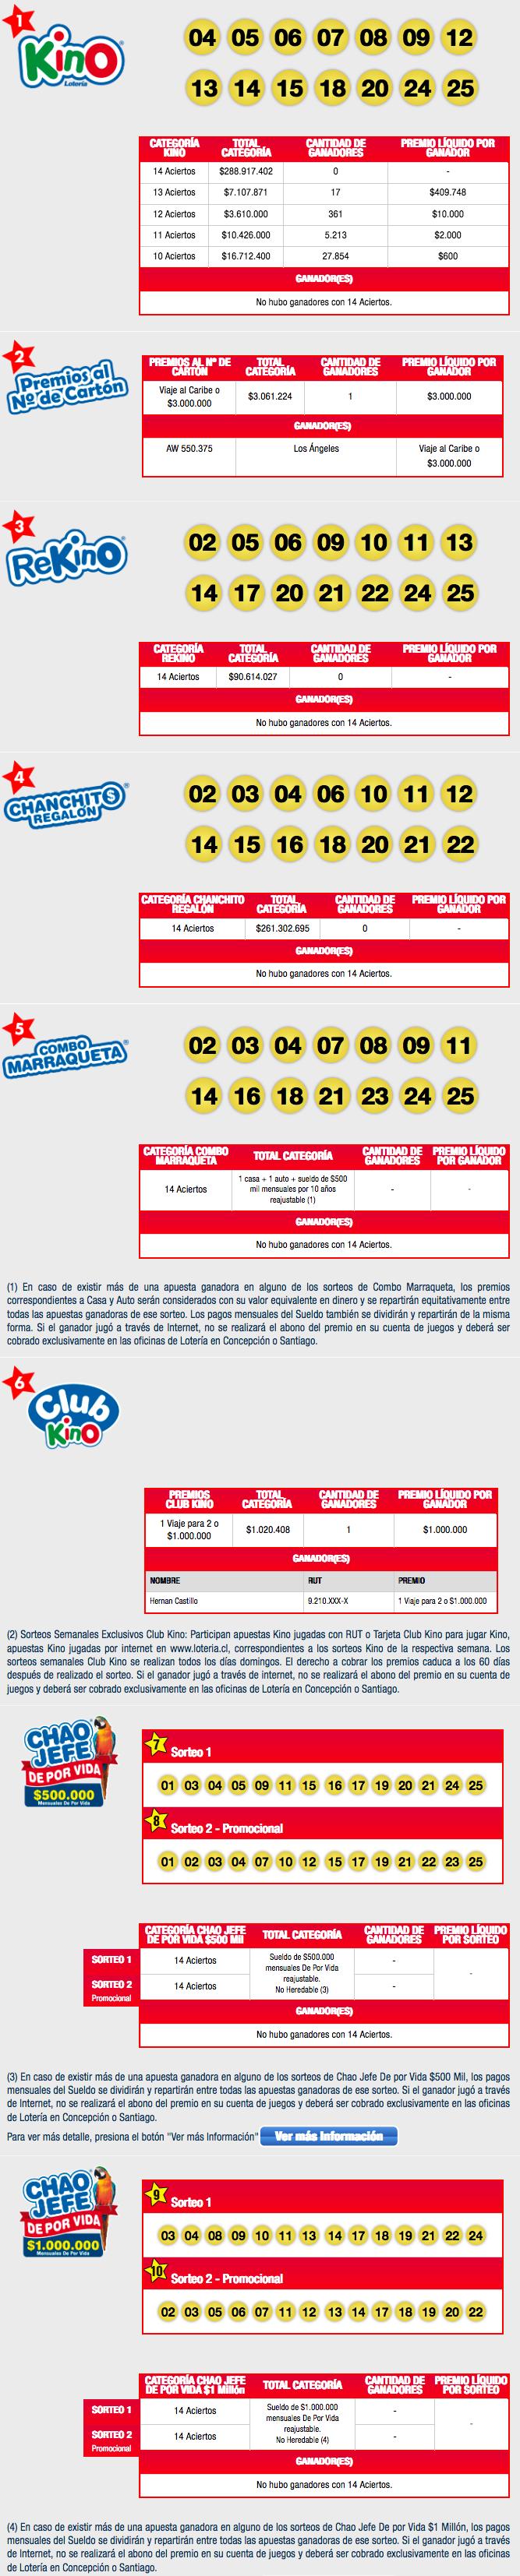 Resultados Kino Chile Sorteo 2099